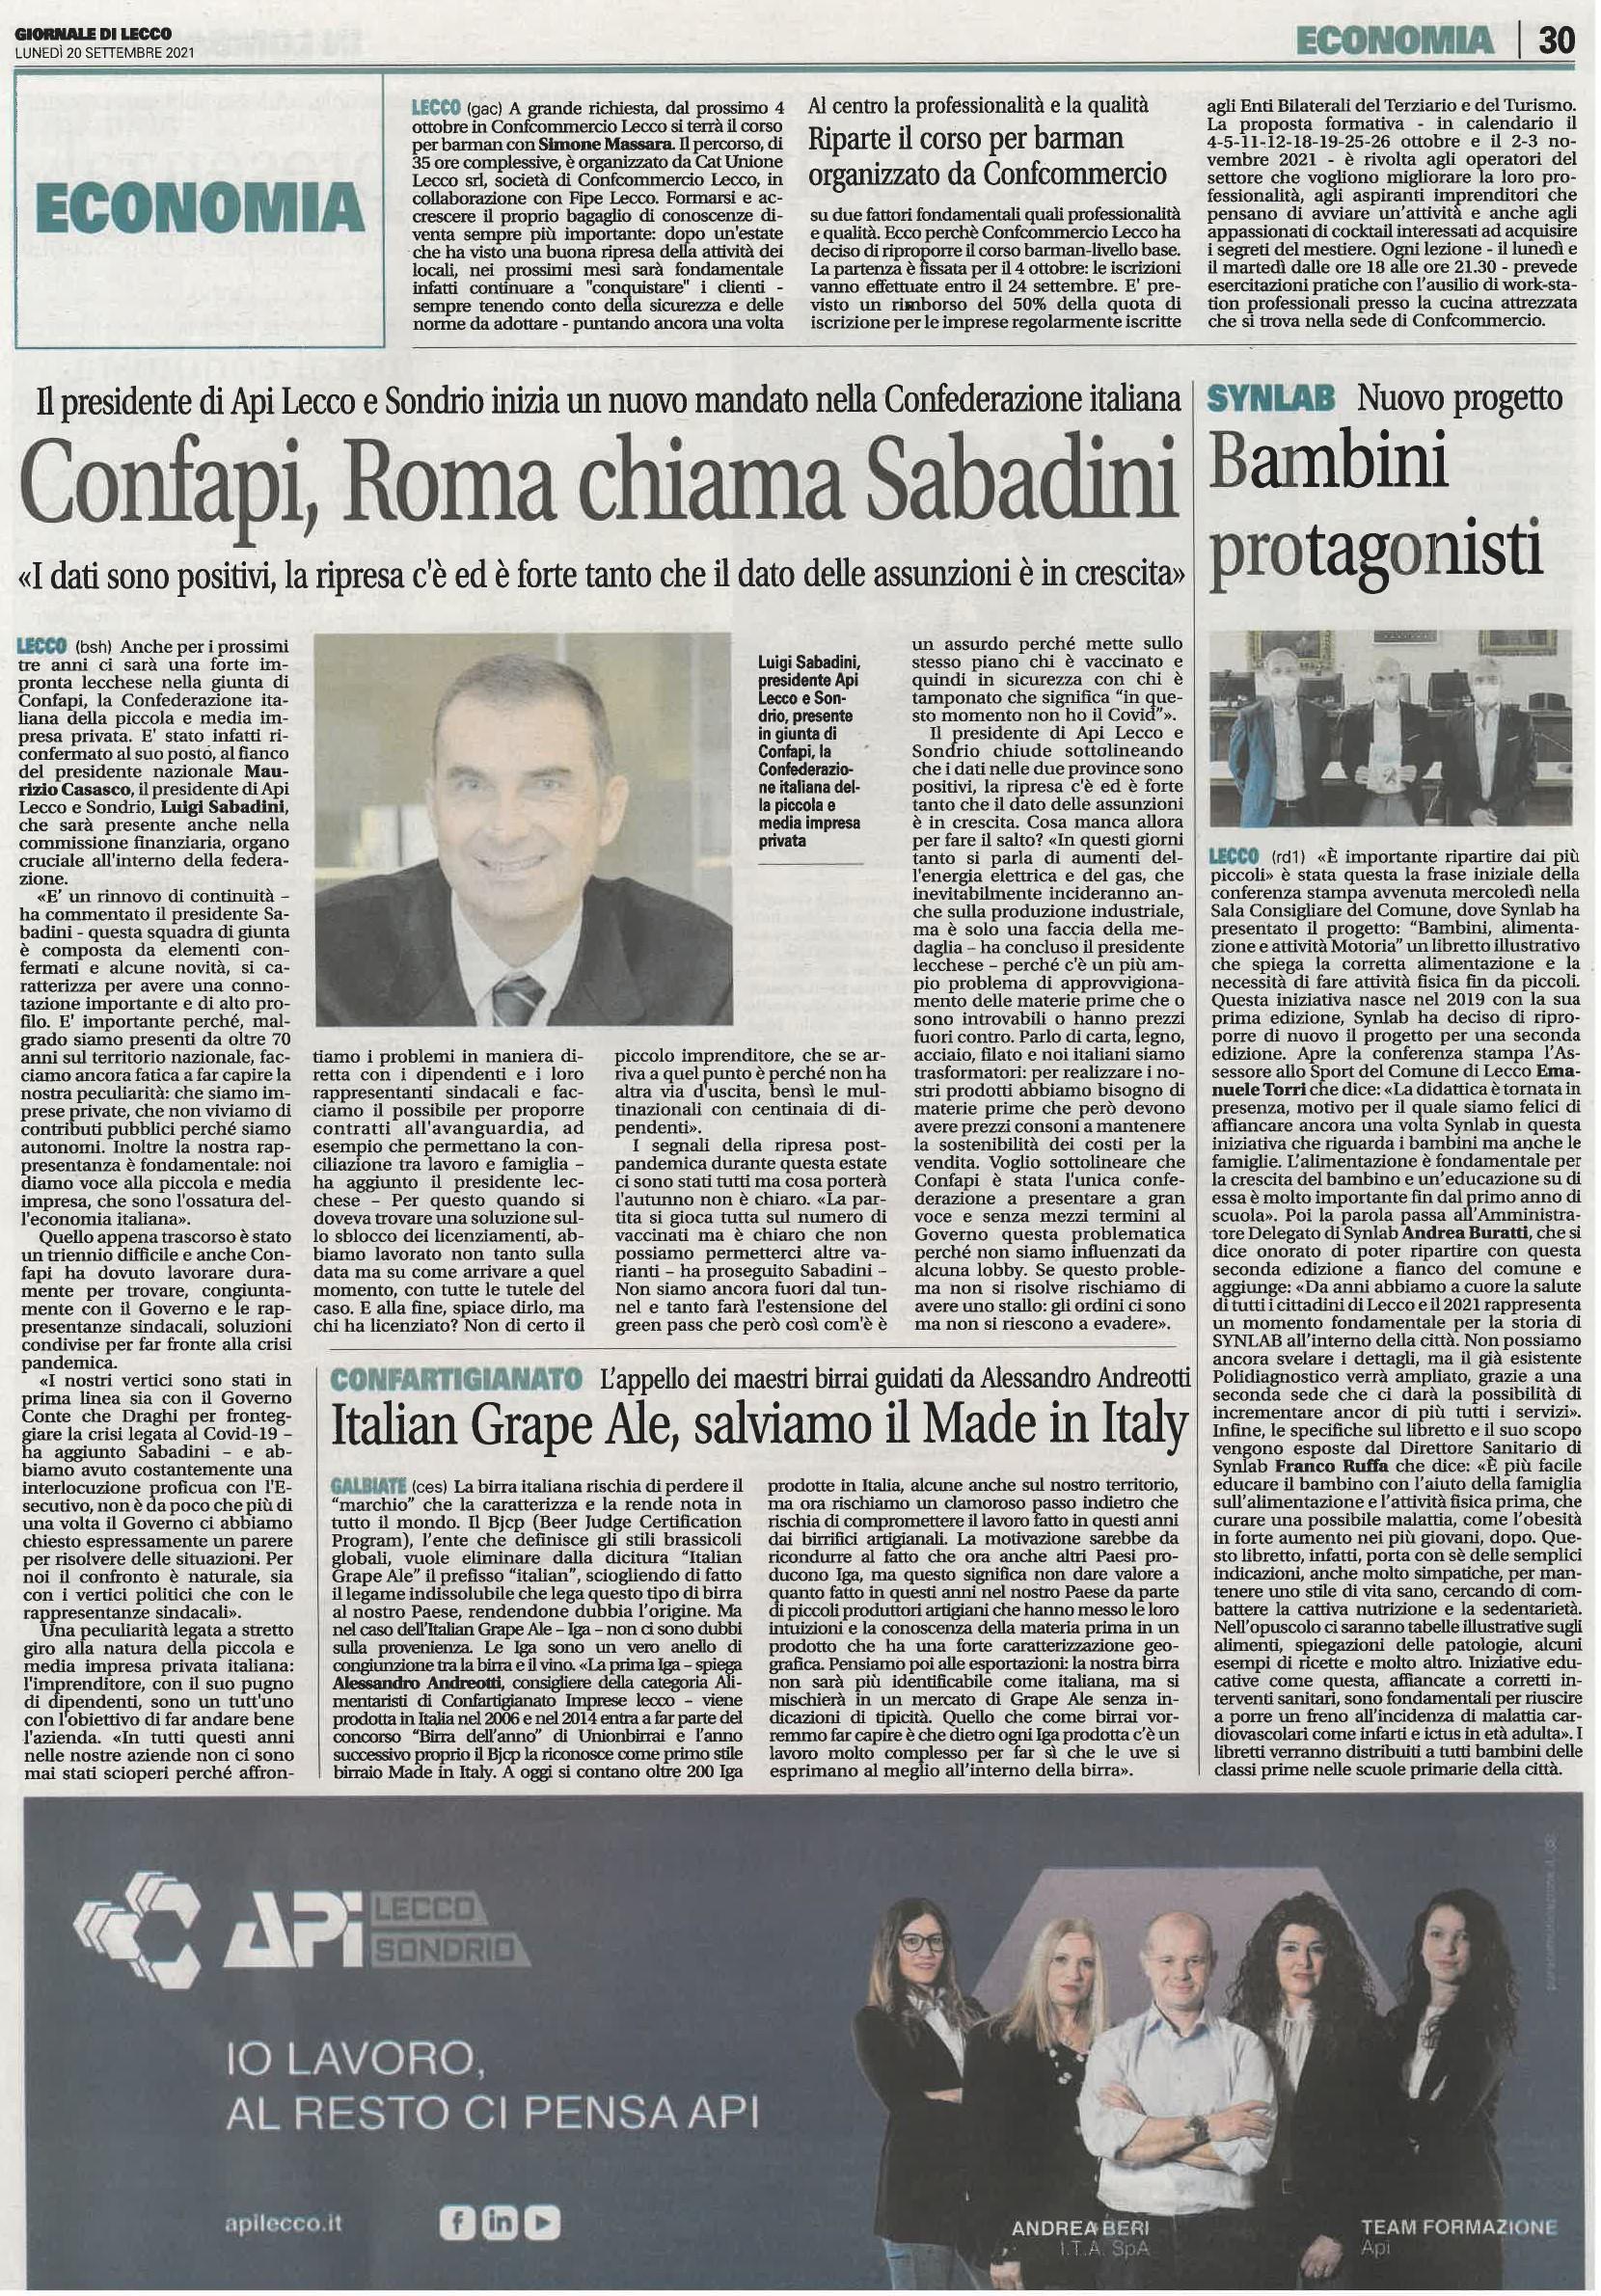 Confapi, Roma chiama Sabadini